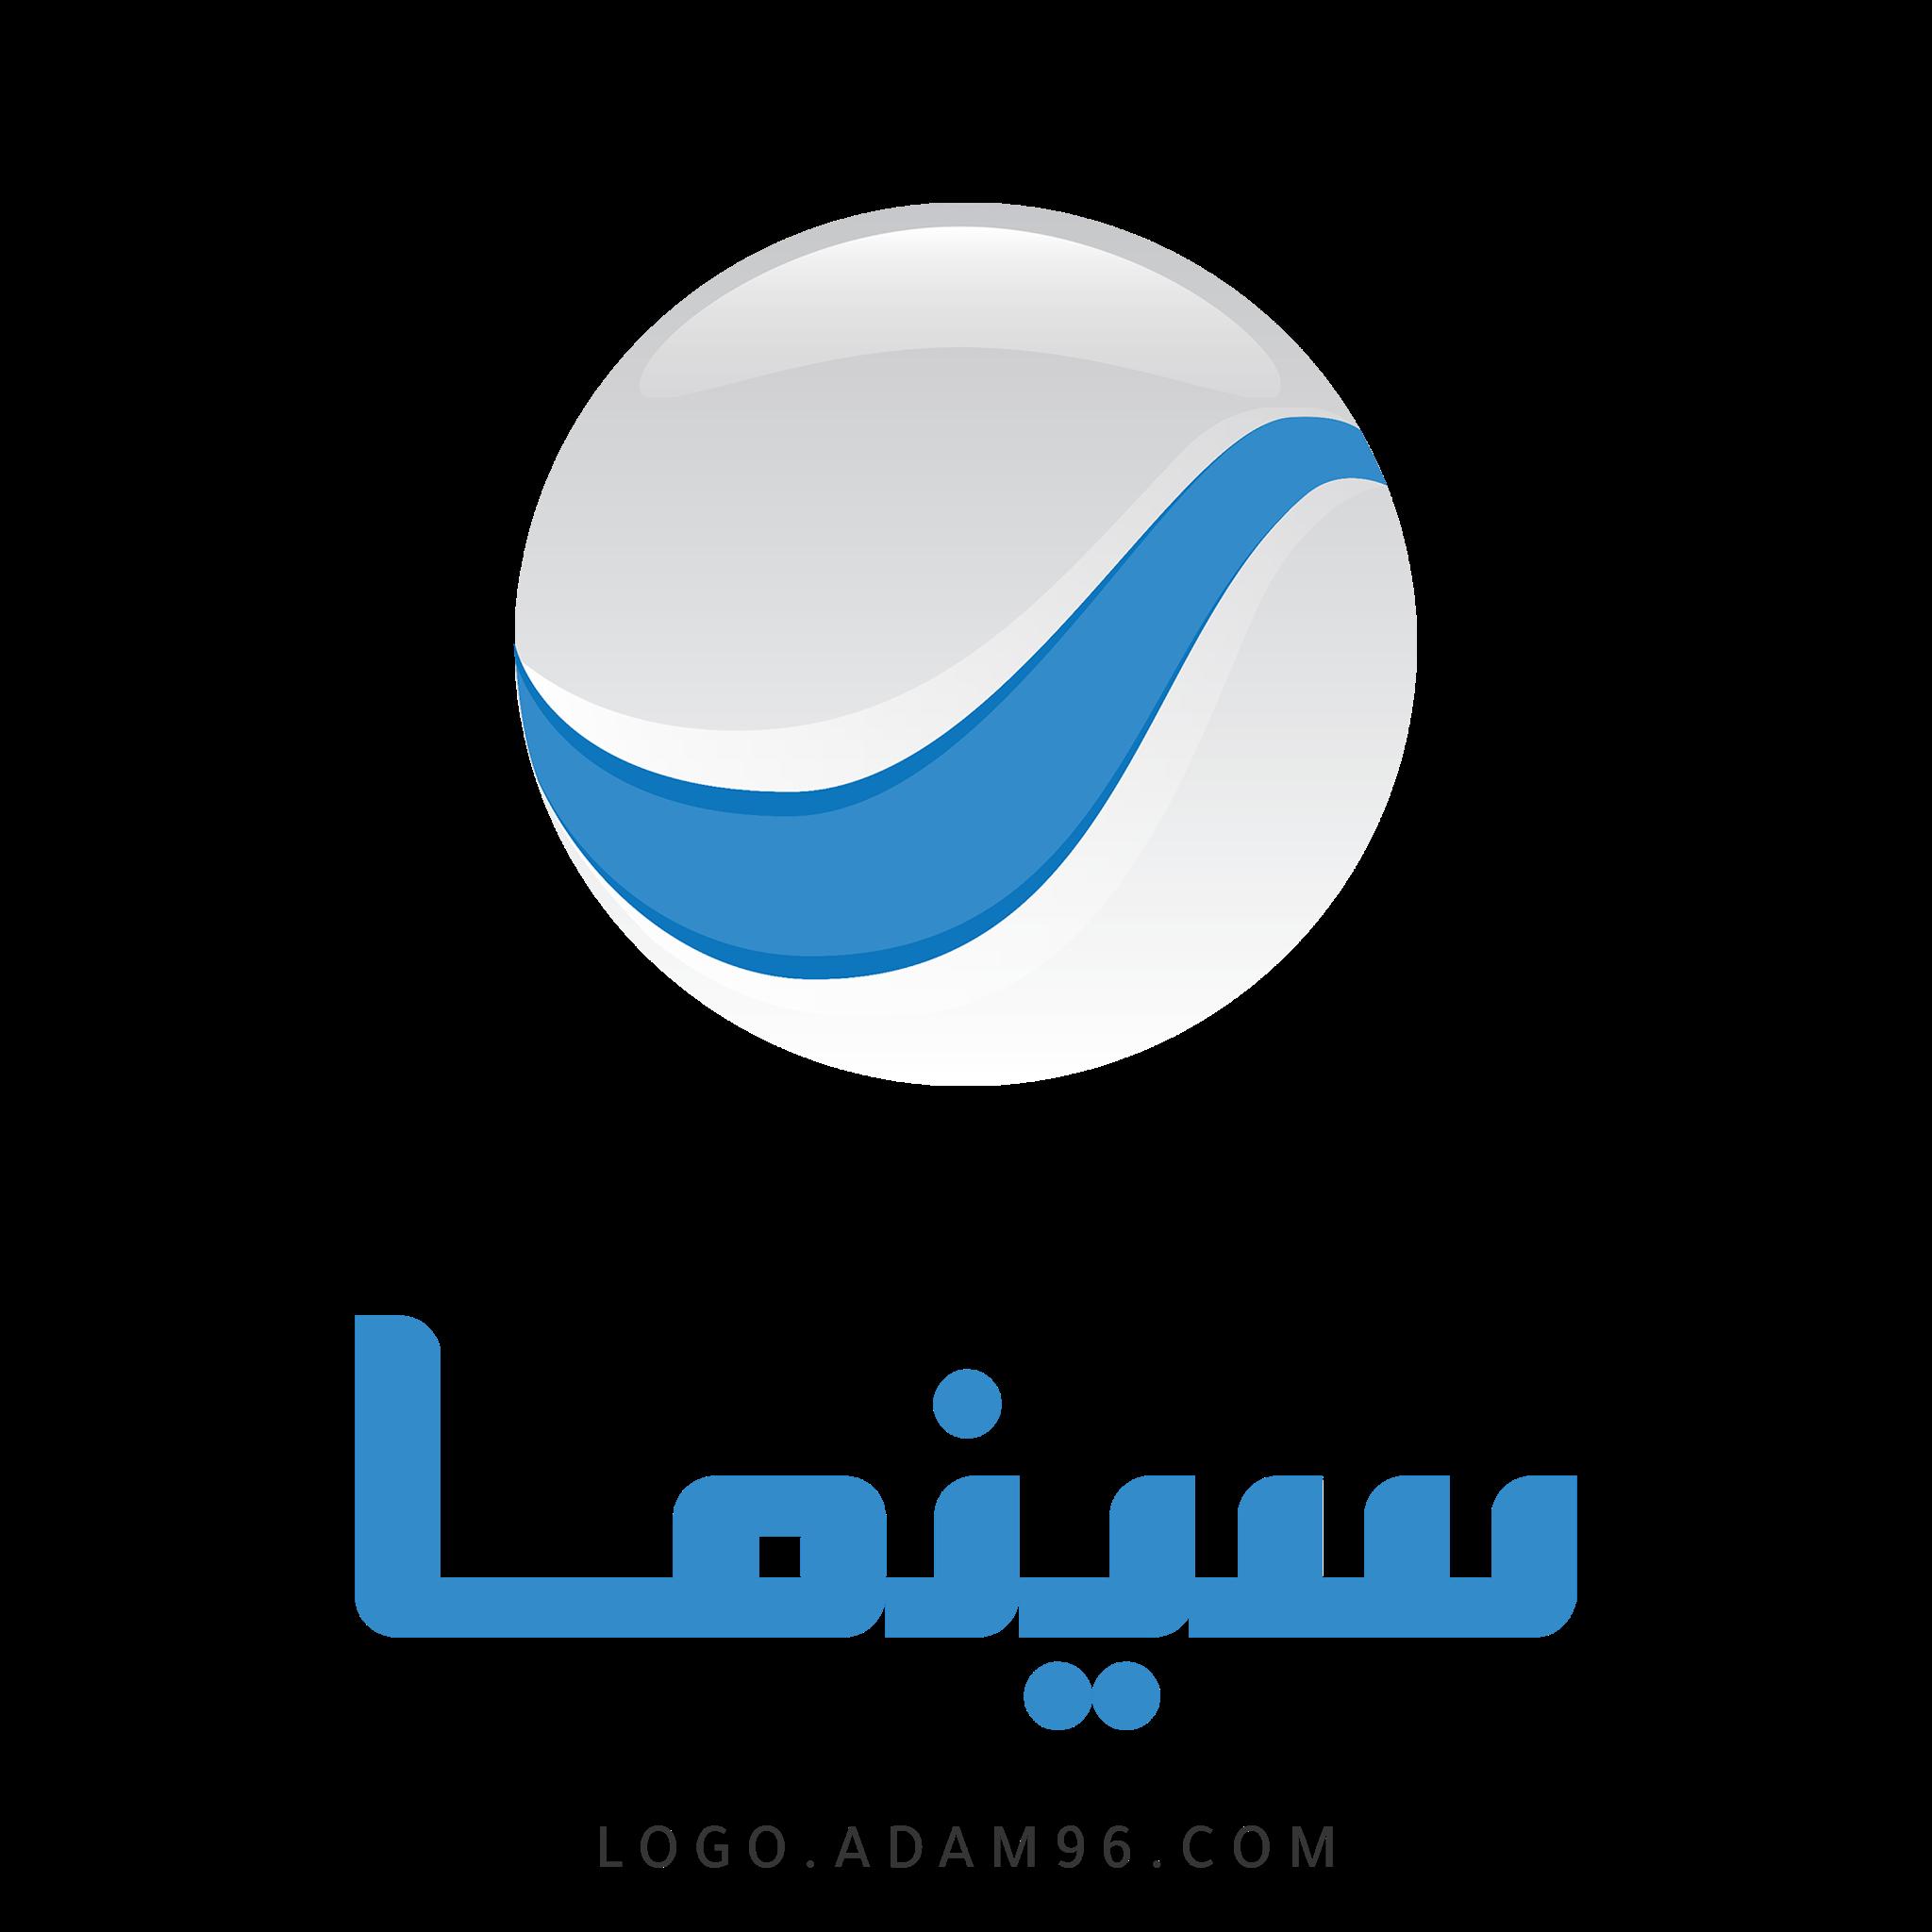 تحميل شعار قناة روتانا سينما لوجو رسمي عالي الجودة PNG